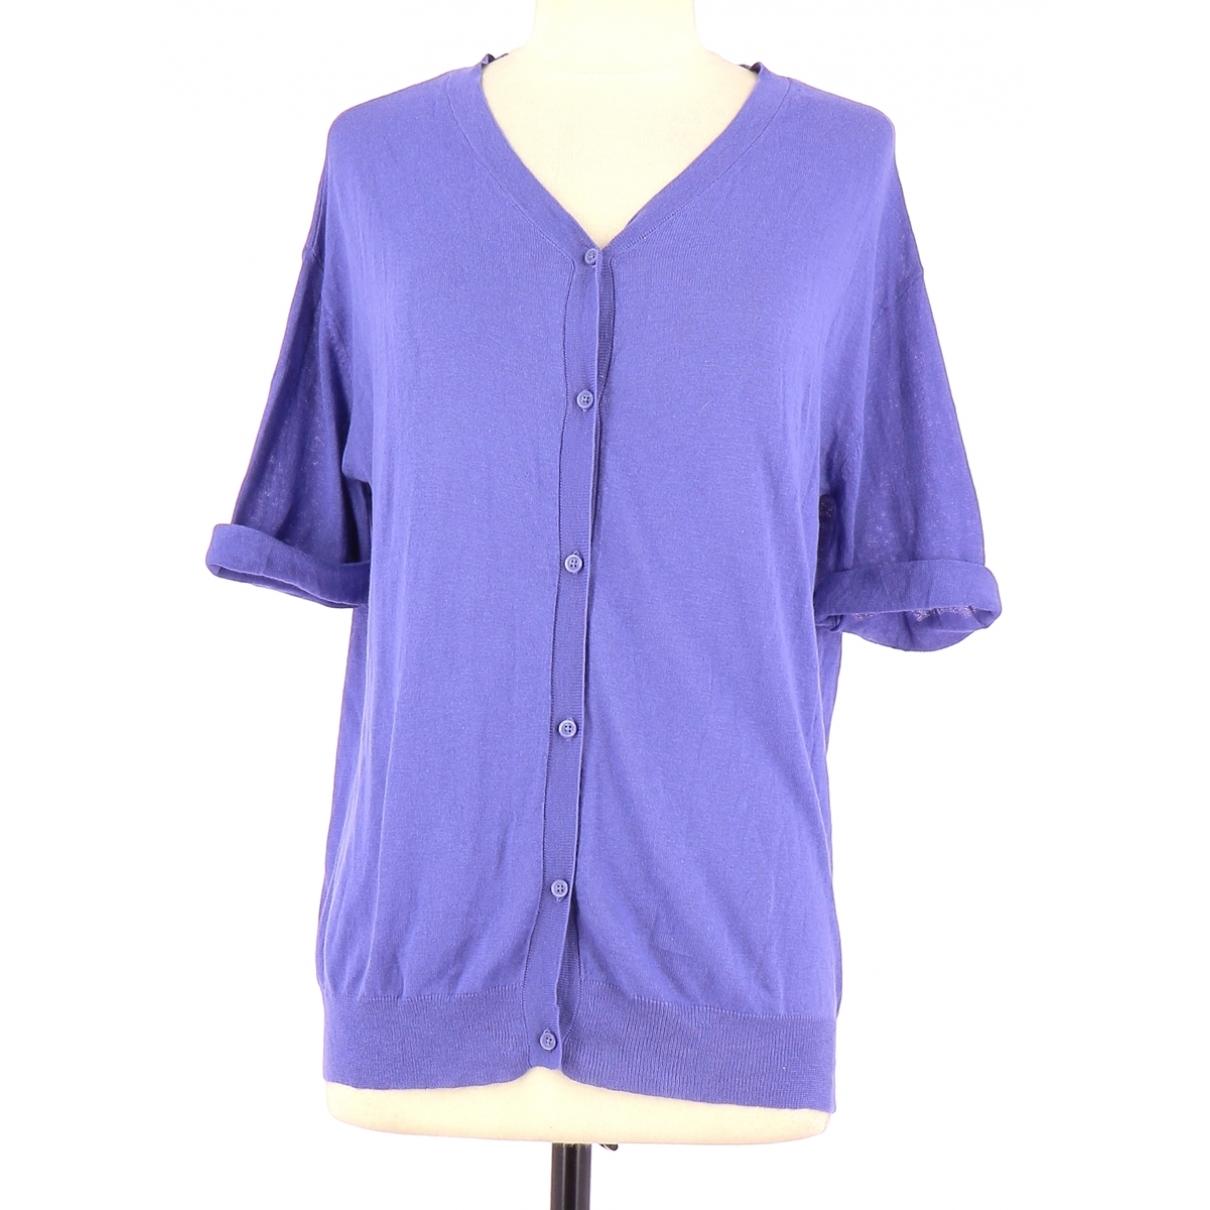 American Vintage - Pull   pour femme en coton - violet